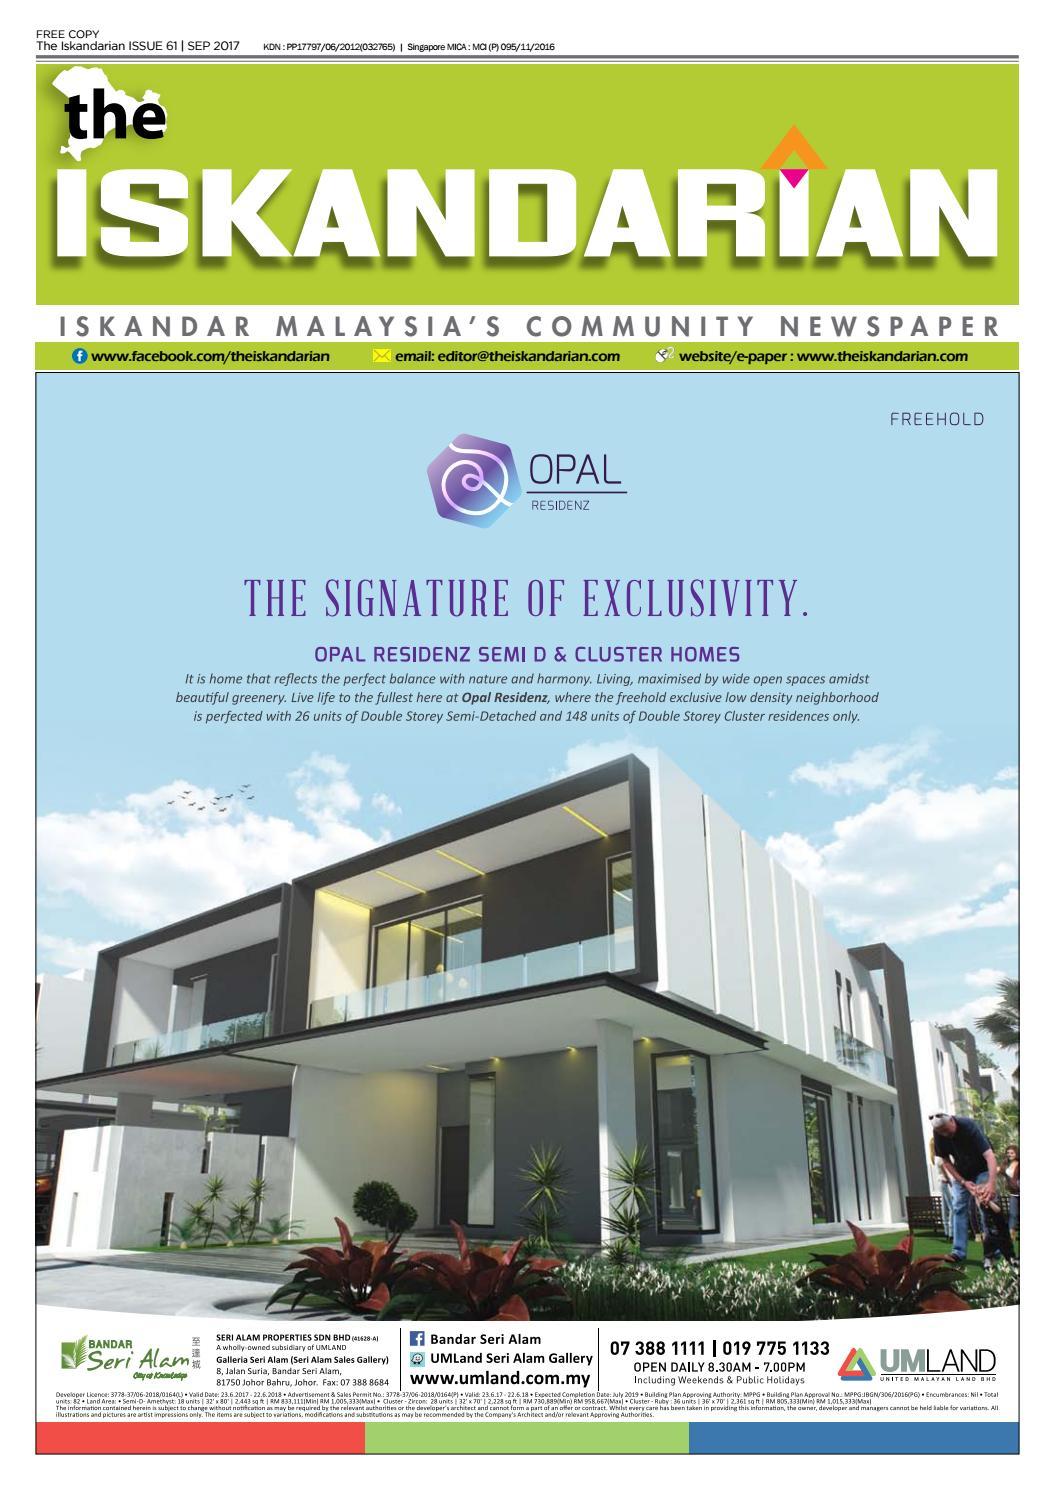 The Iskandarian September 2017 Issue by The Iskandarian